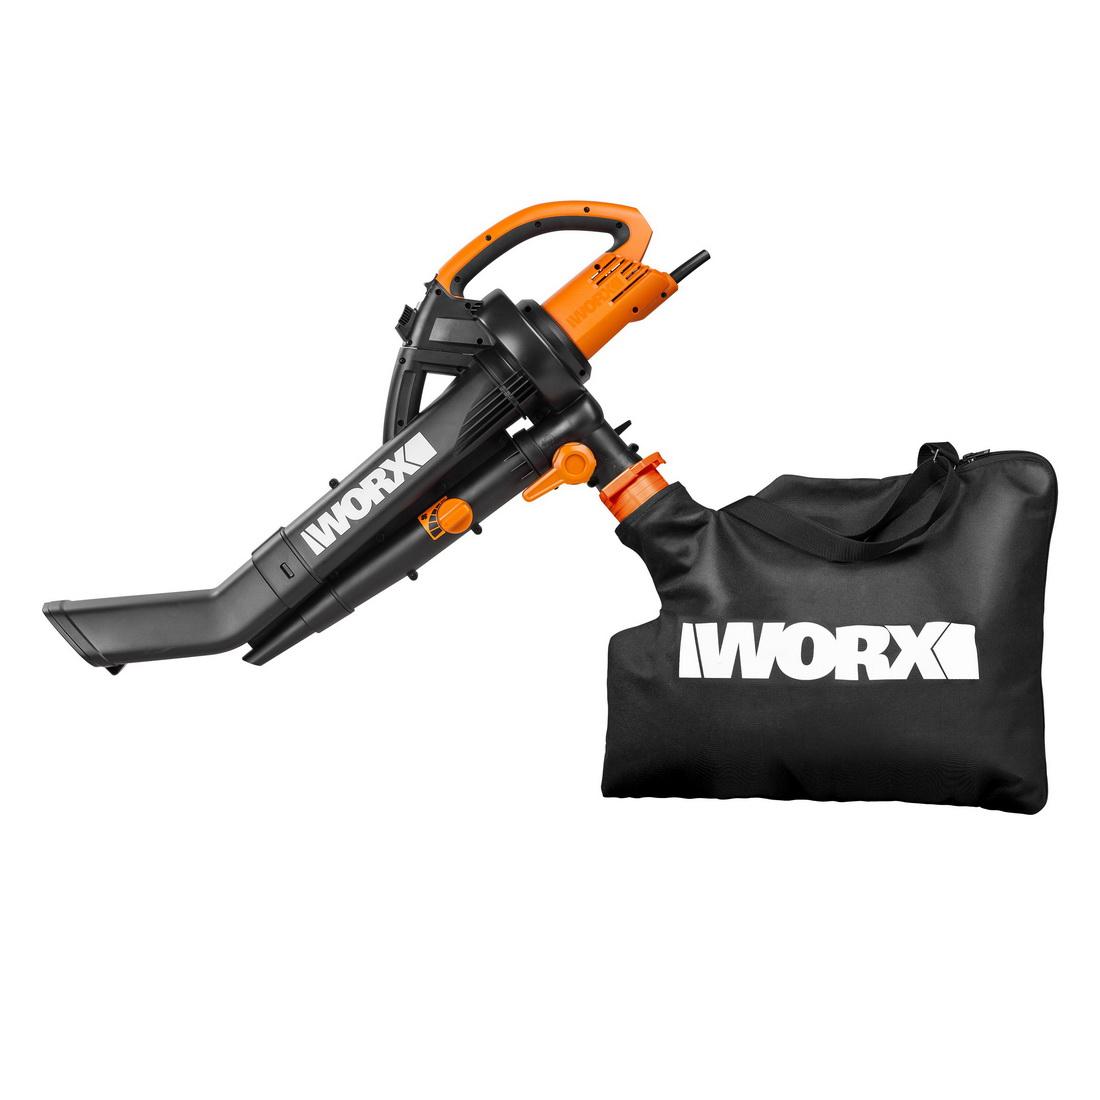 All-IN-One Blower / Vacuum/ Mulcher 2300W 128-335km/hr WG502E